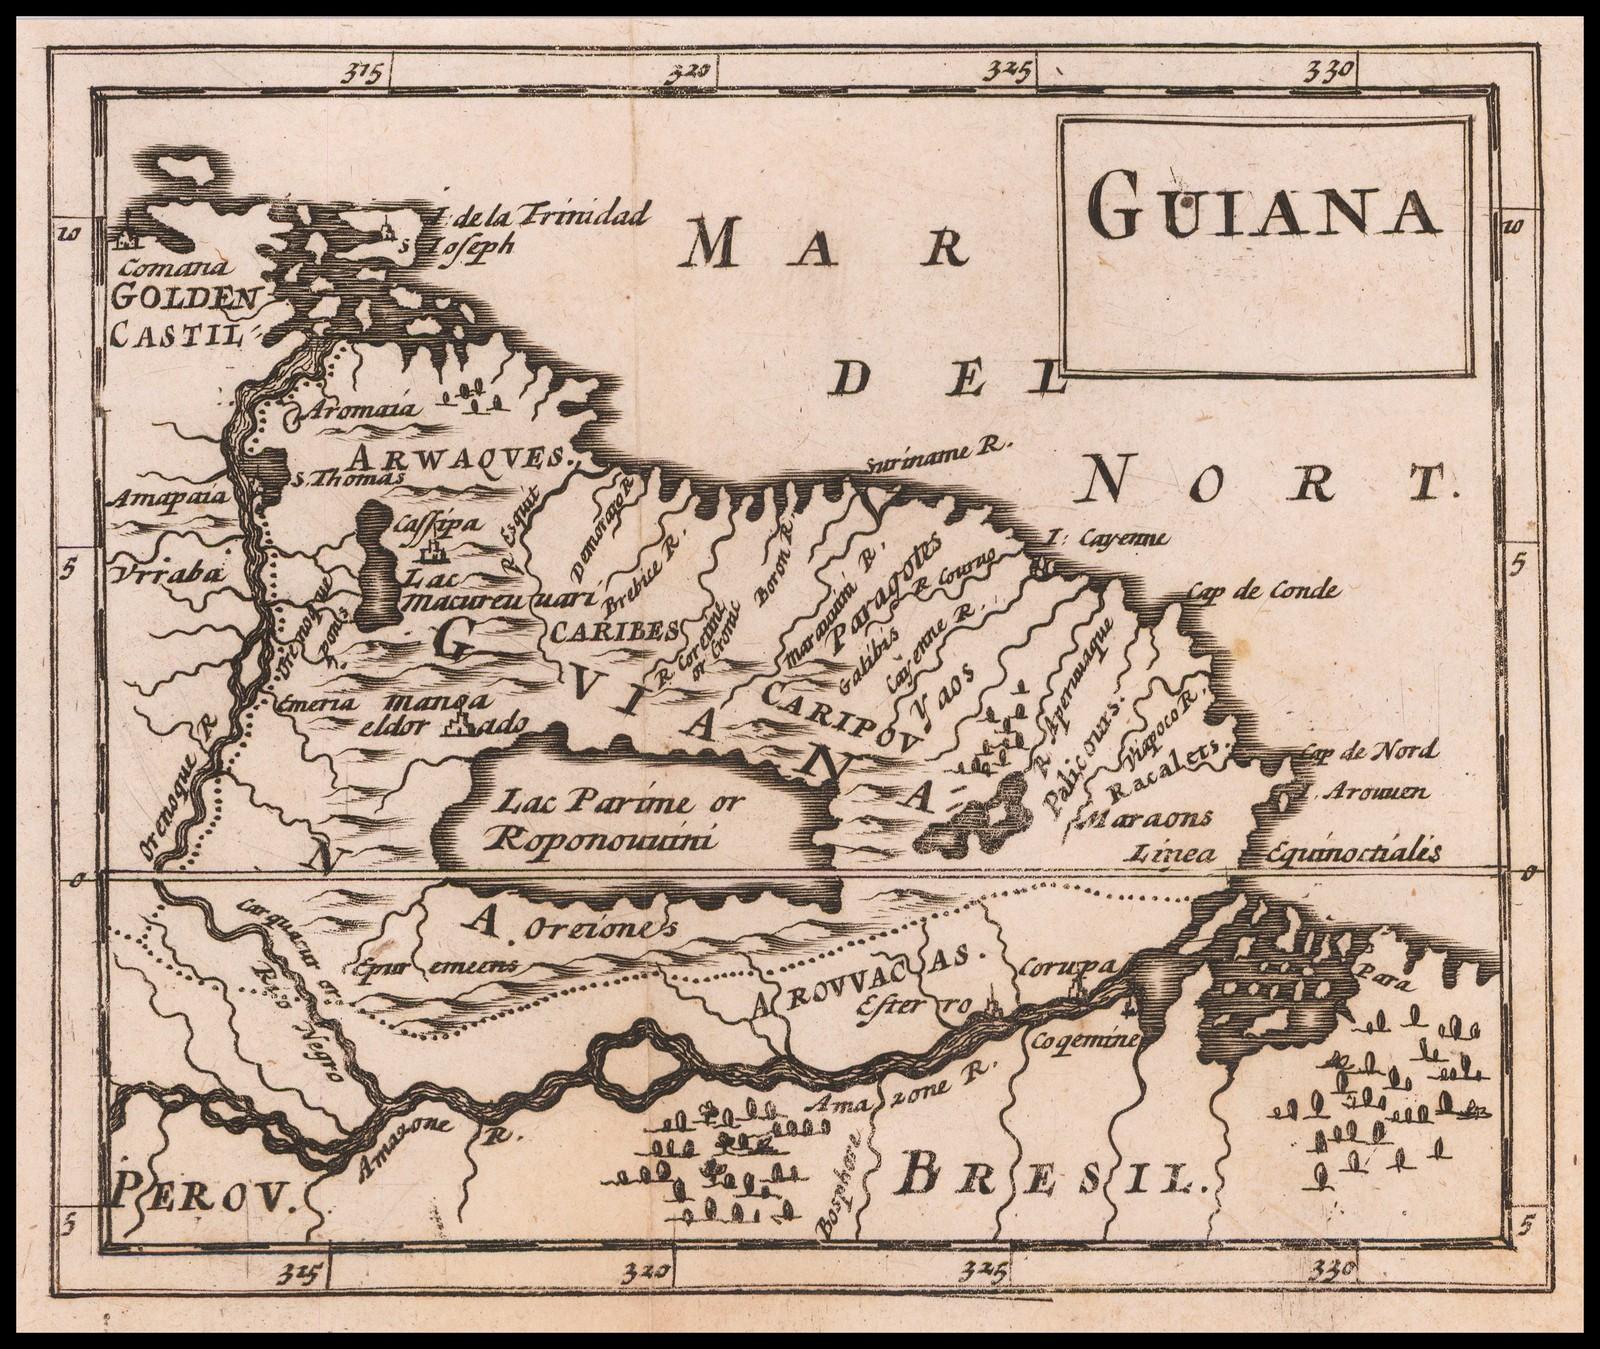 Редкая миниатюрная английская карта Гвианы, включая Маноа или Эльдорадо